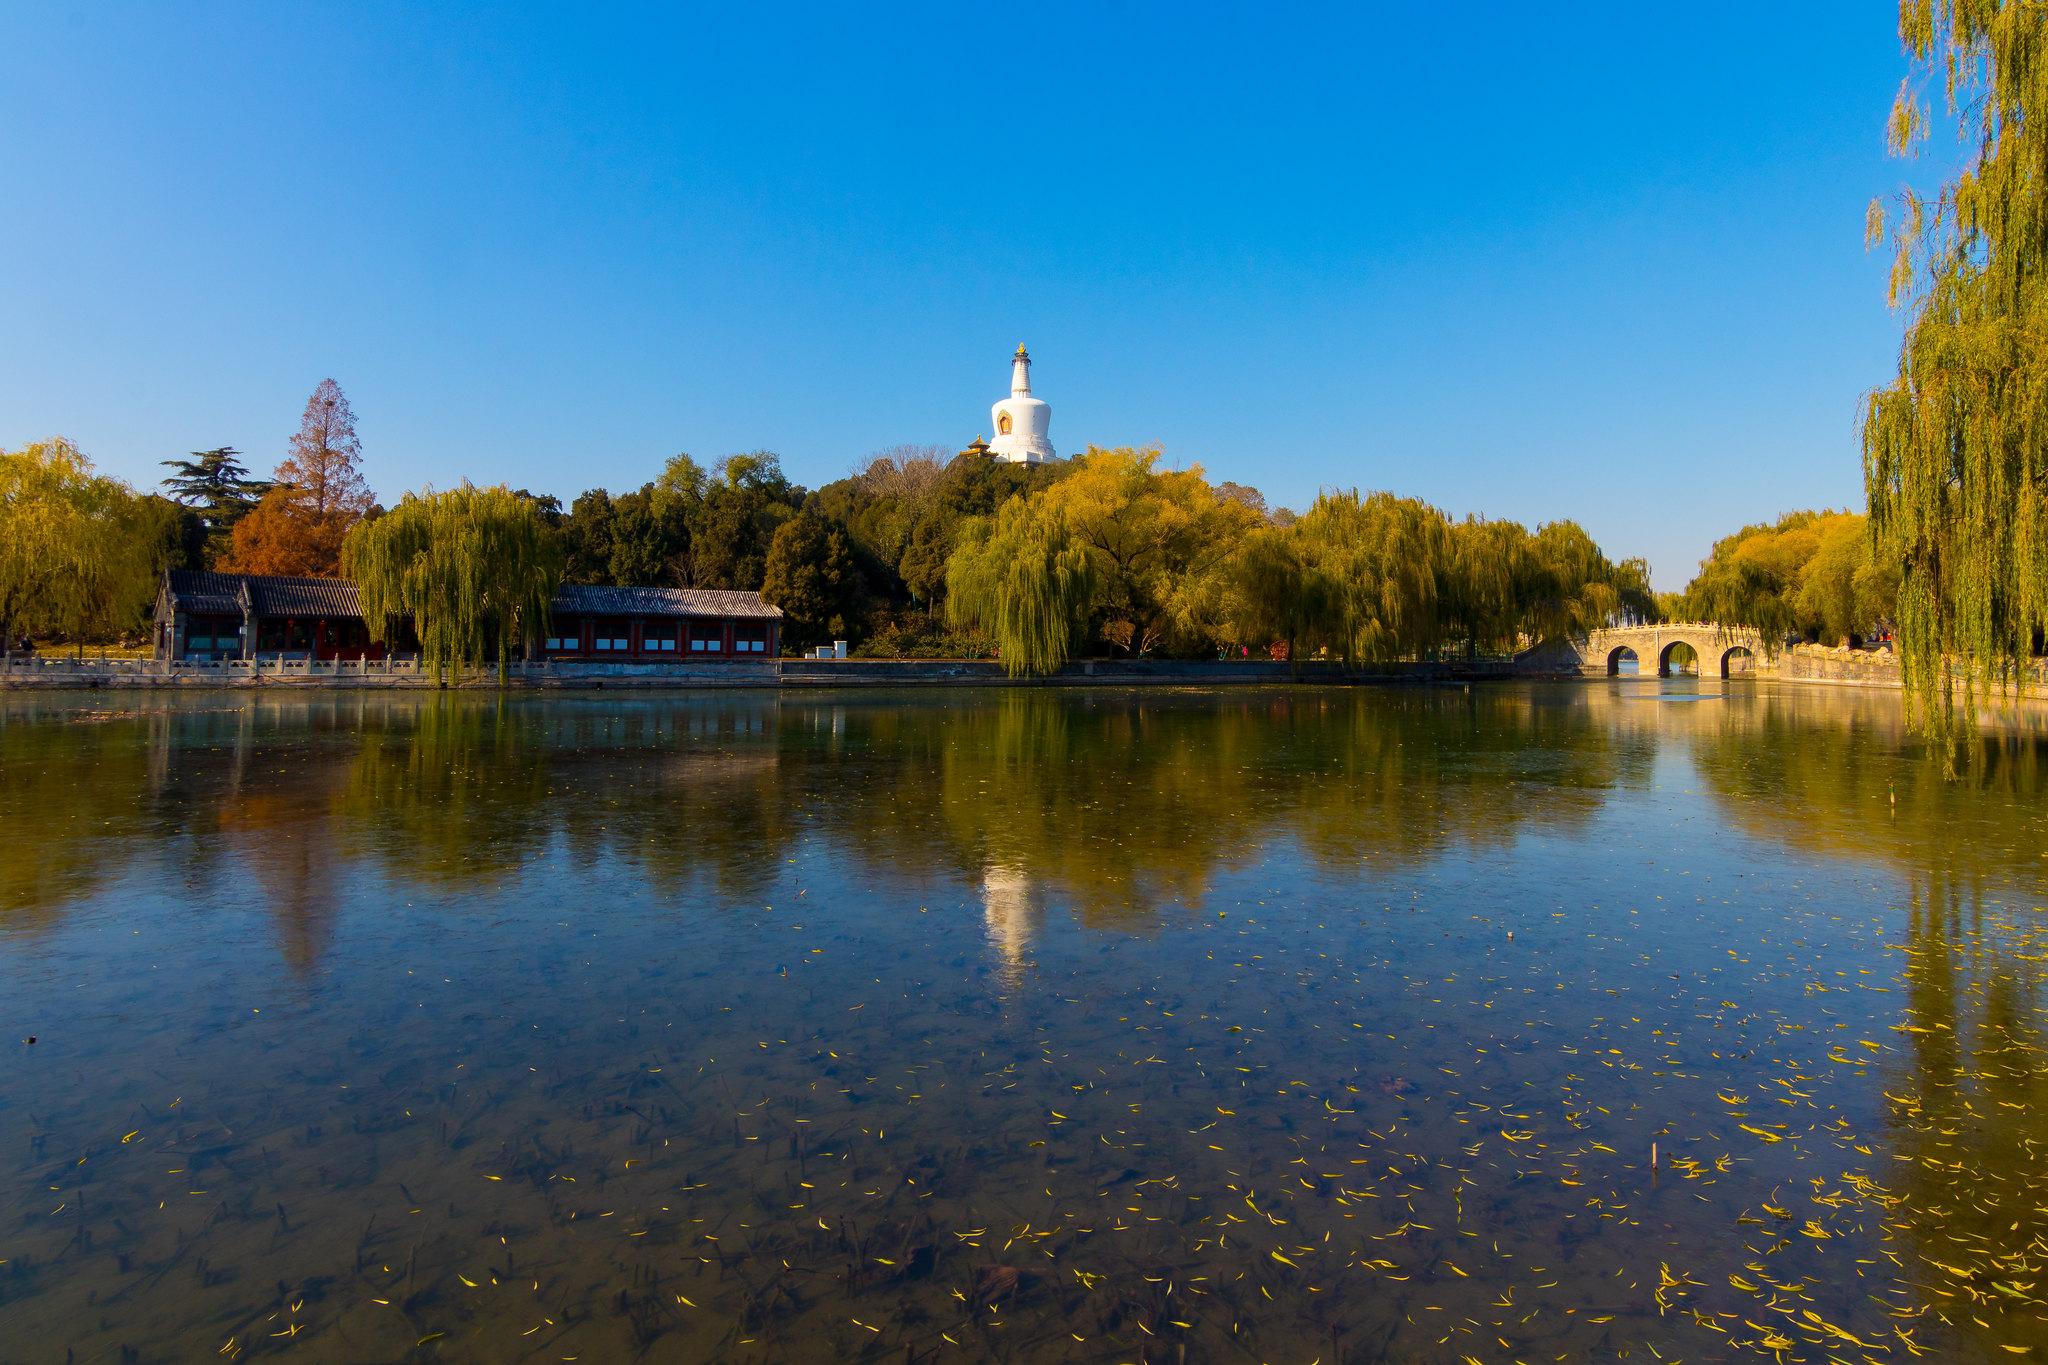 北京三大皇家园林:北海最悠久,颐和园最讲究,它却被烧成废墟